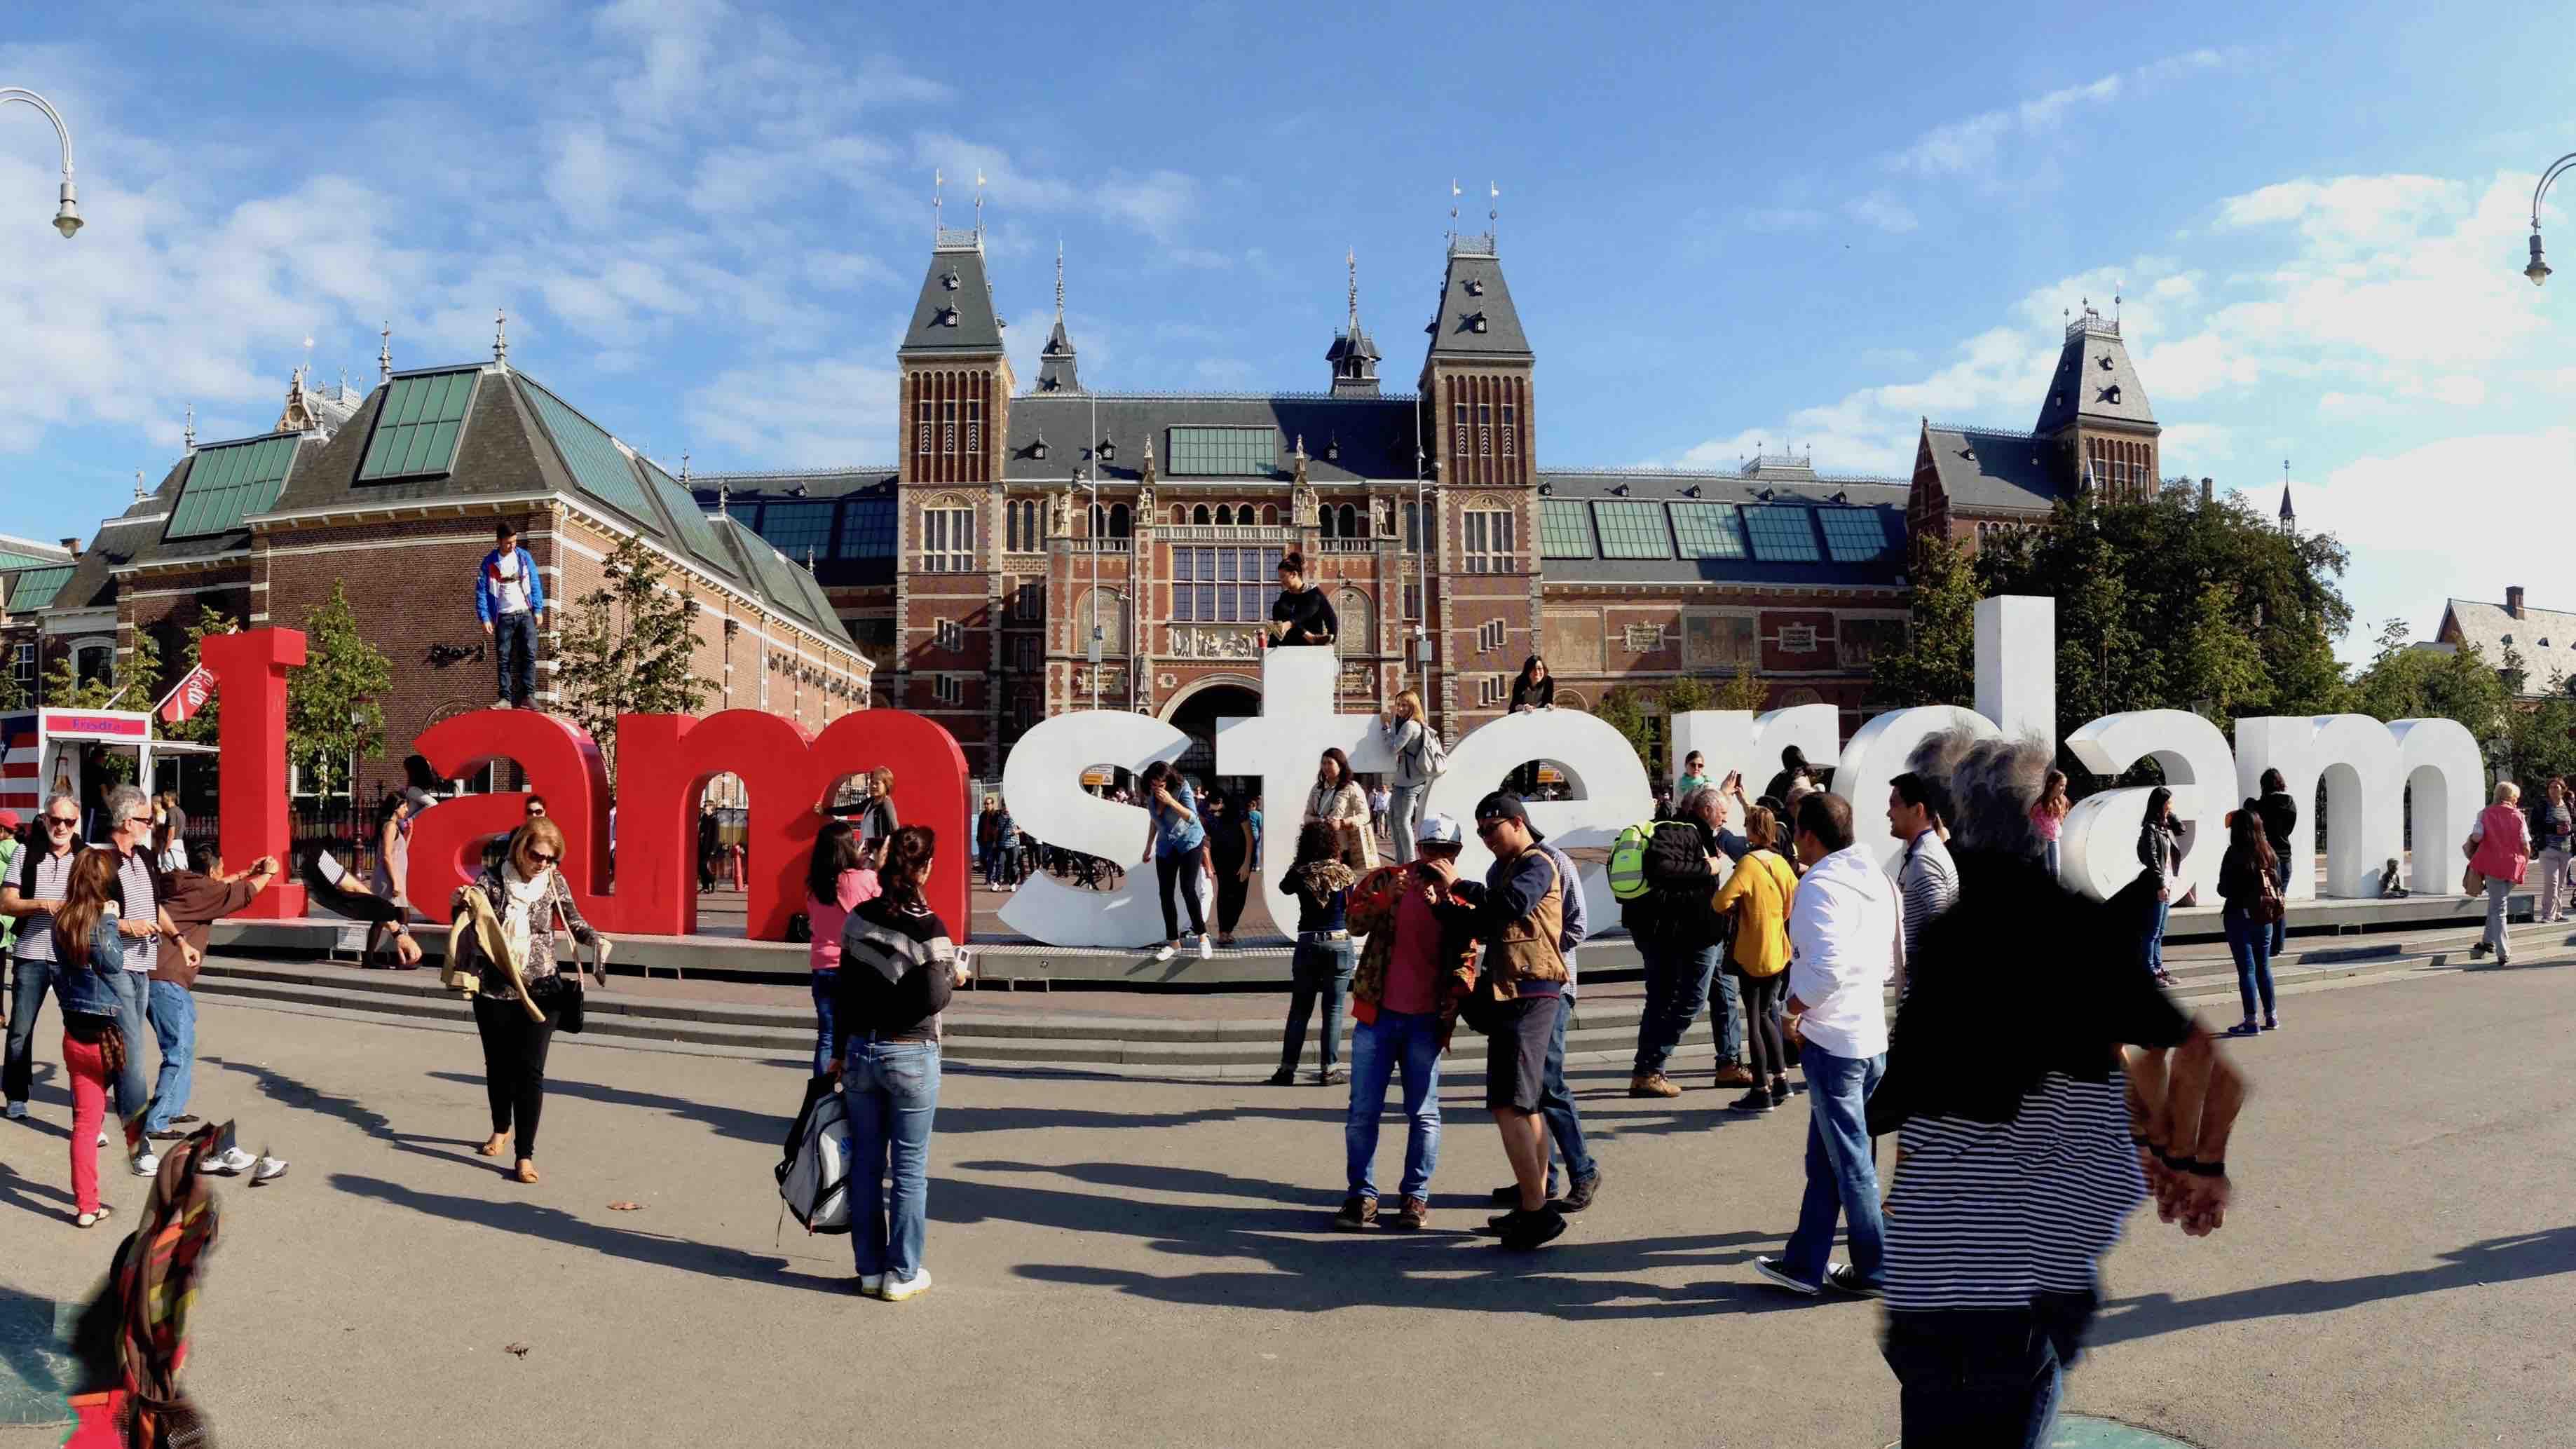 Matka Amsterdamiin yhdessä minuutissa (video)